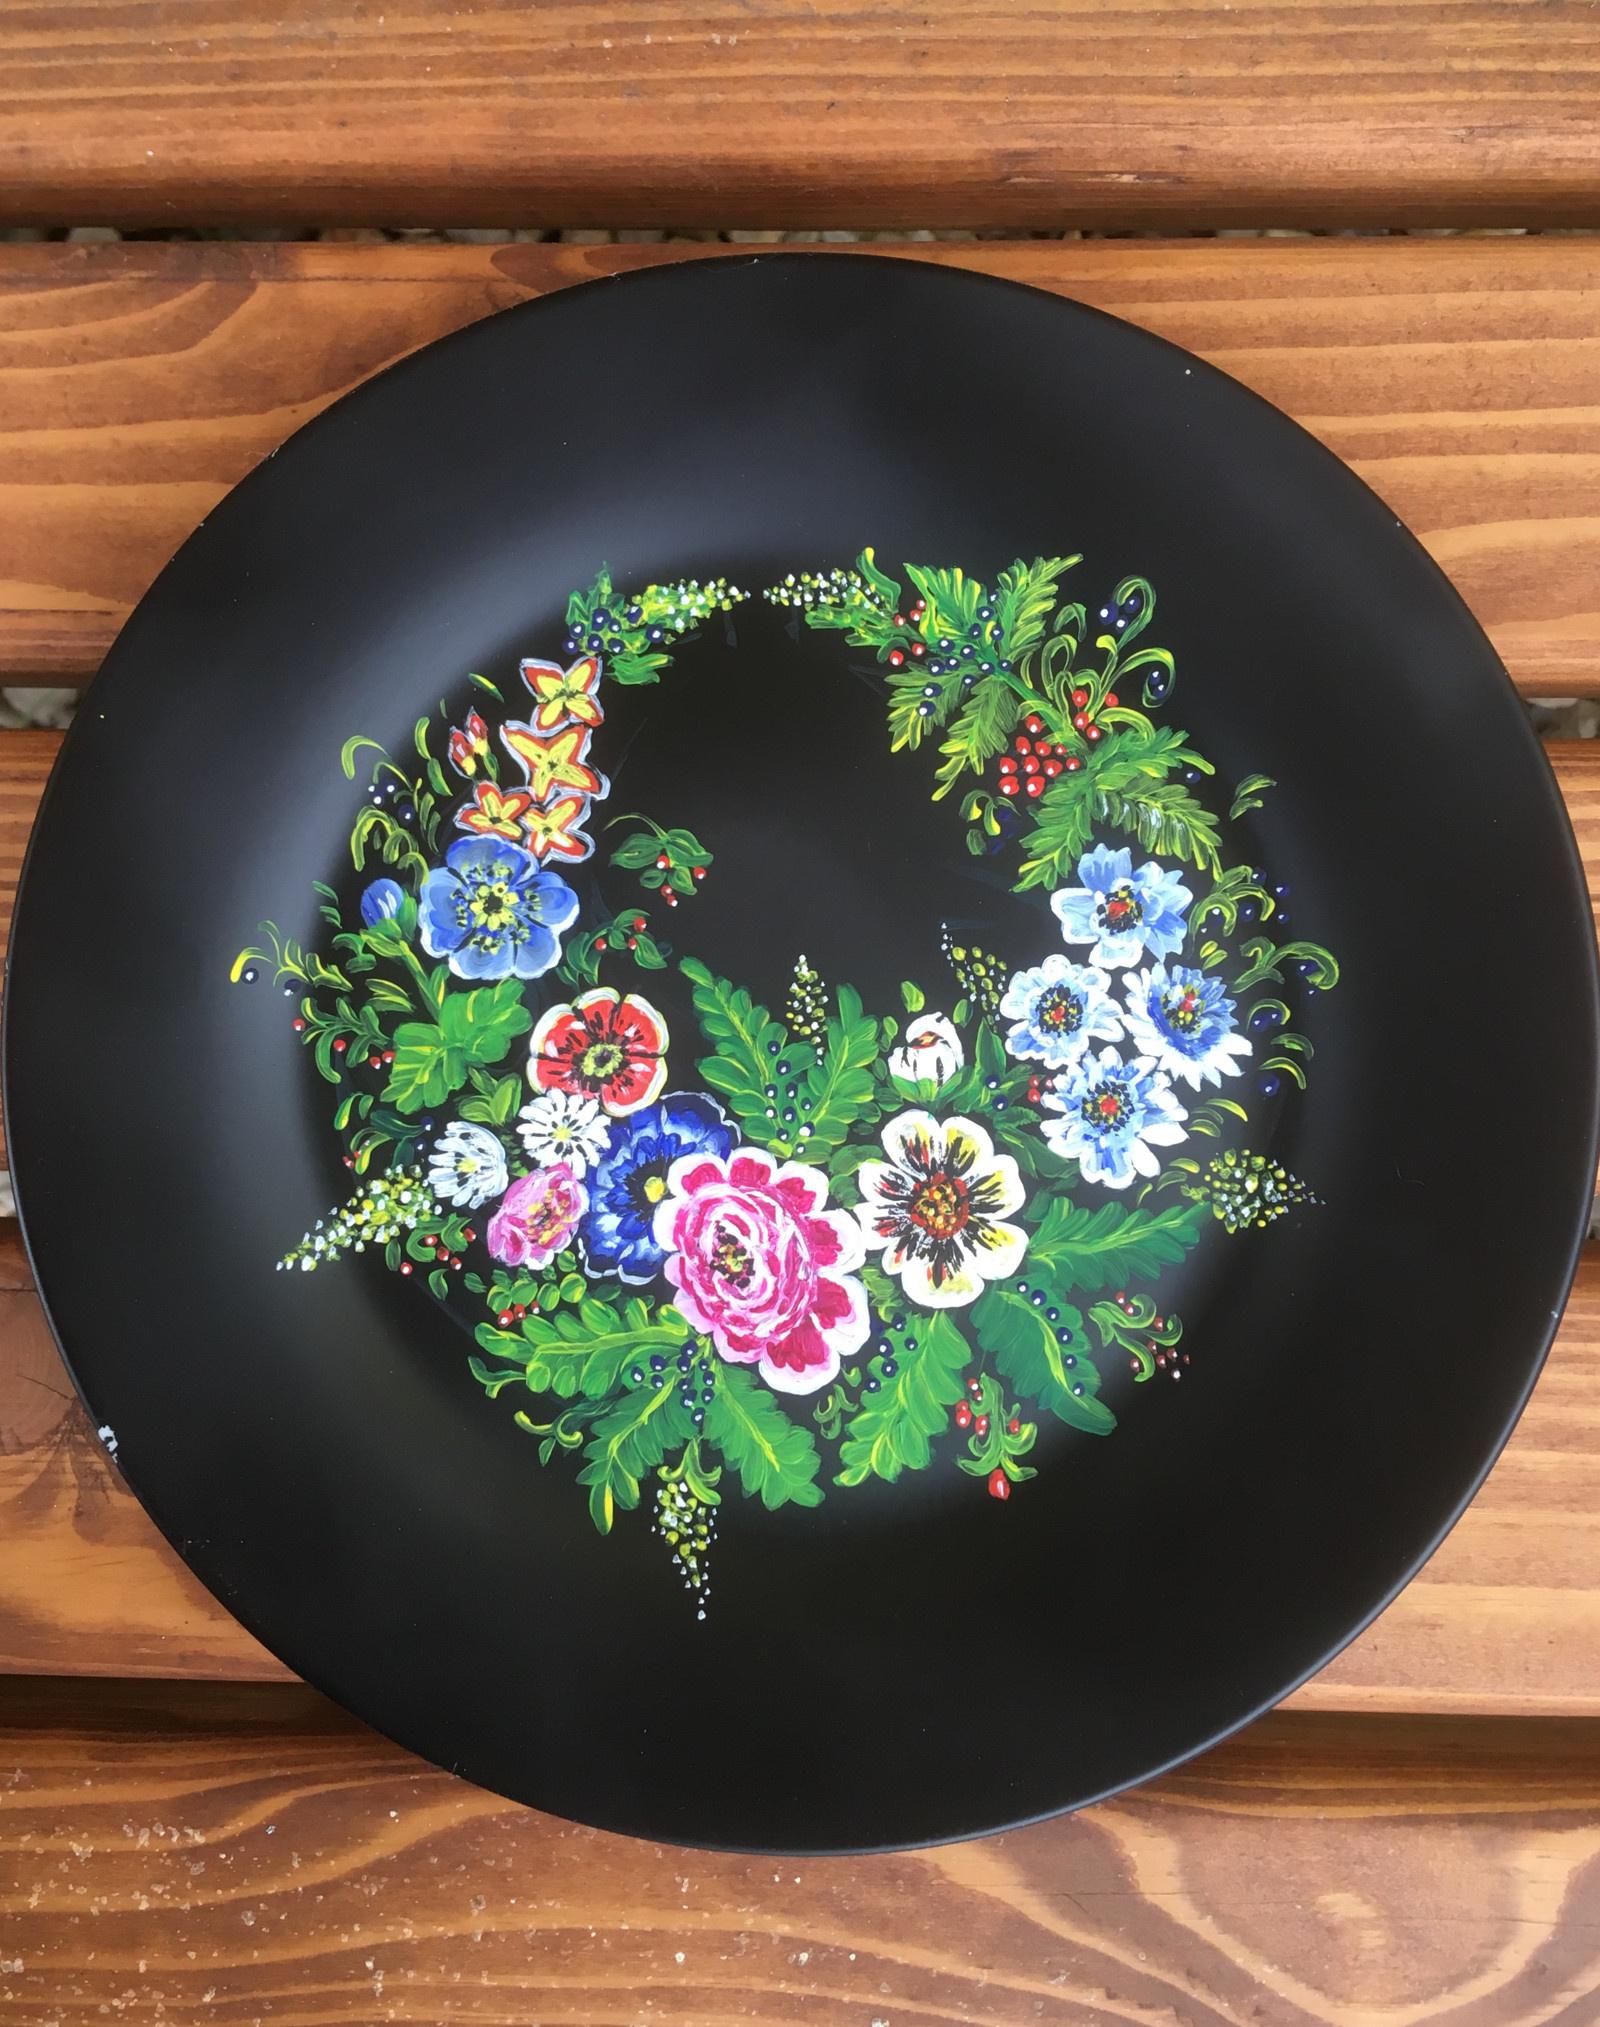 Kvetiny Kreslene Velky Talir 3 Zbozi Prodejce Vigrok Fler Cz